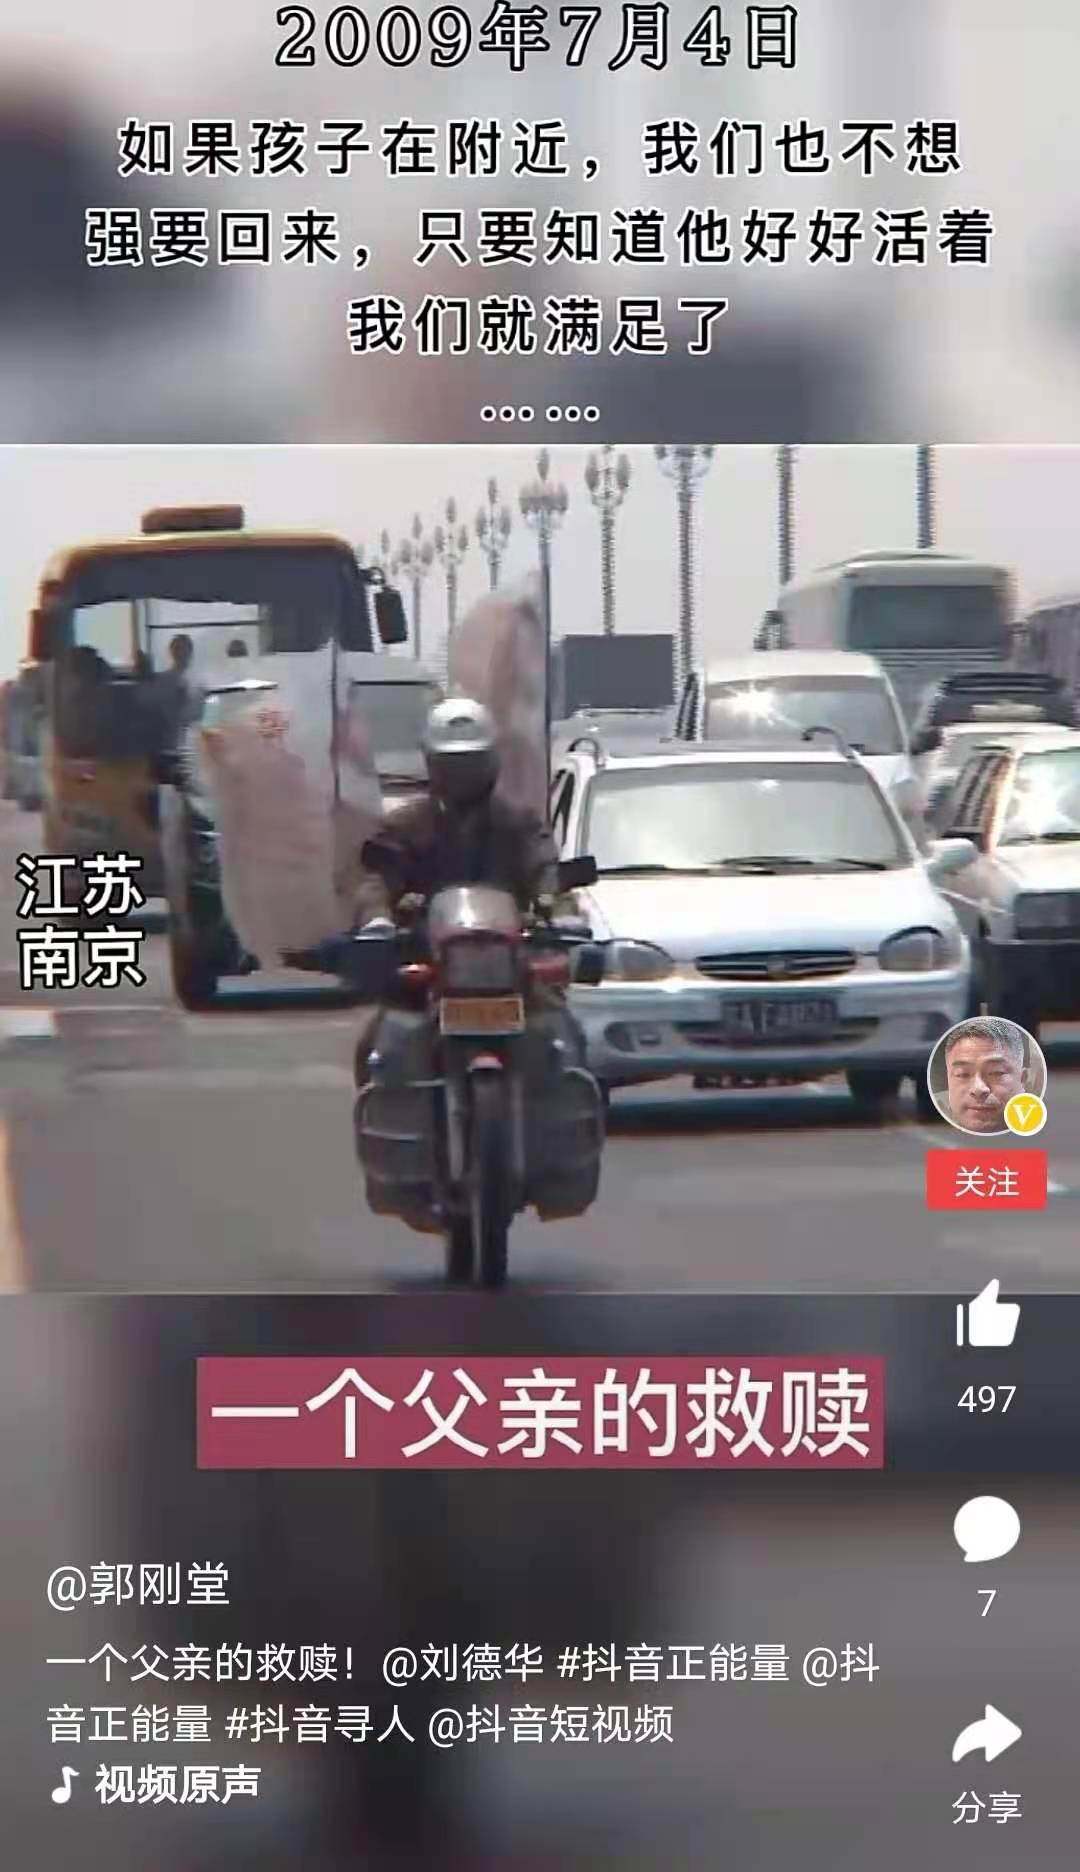 郭刚堂骑摩托寻子来源:郭刚堂的今日头条账号